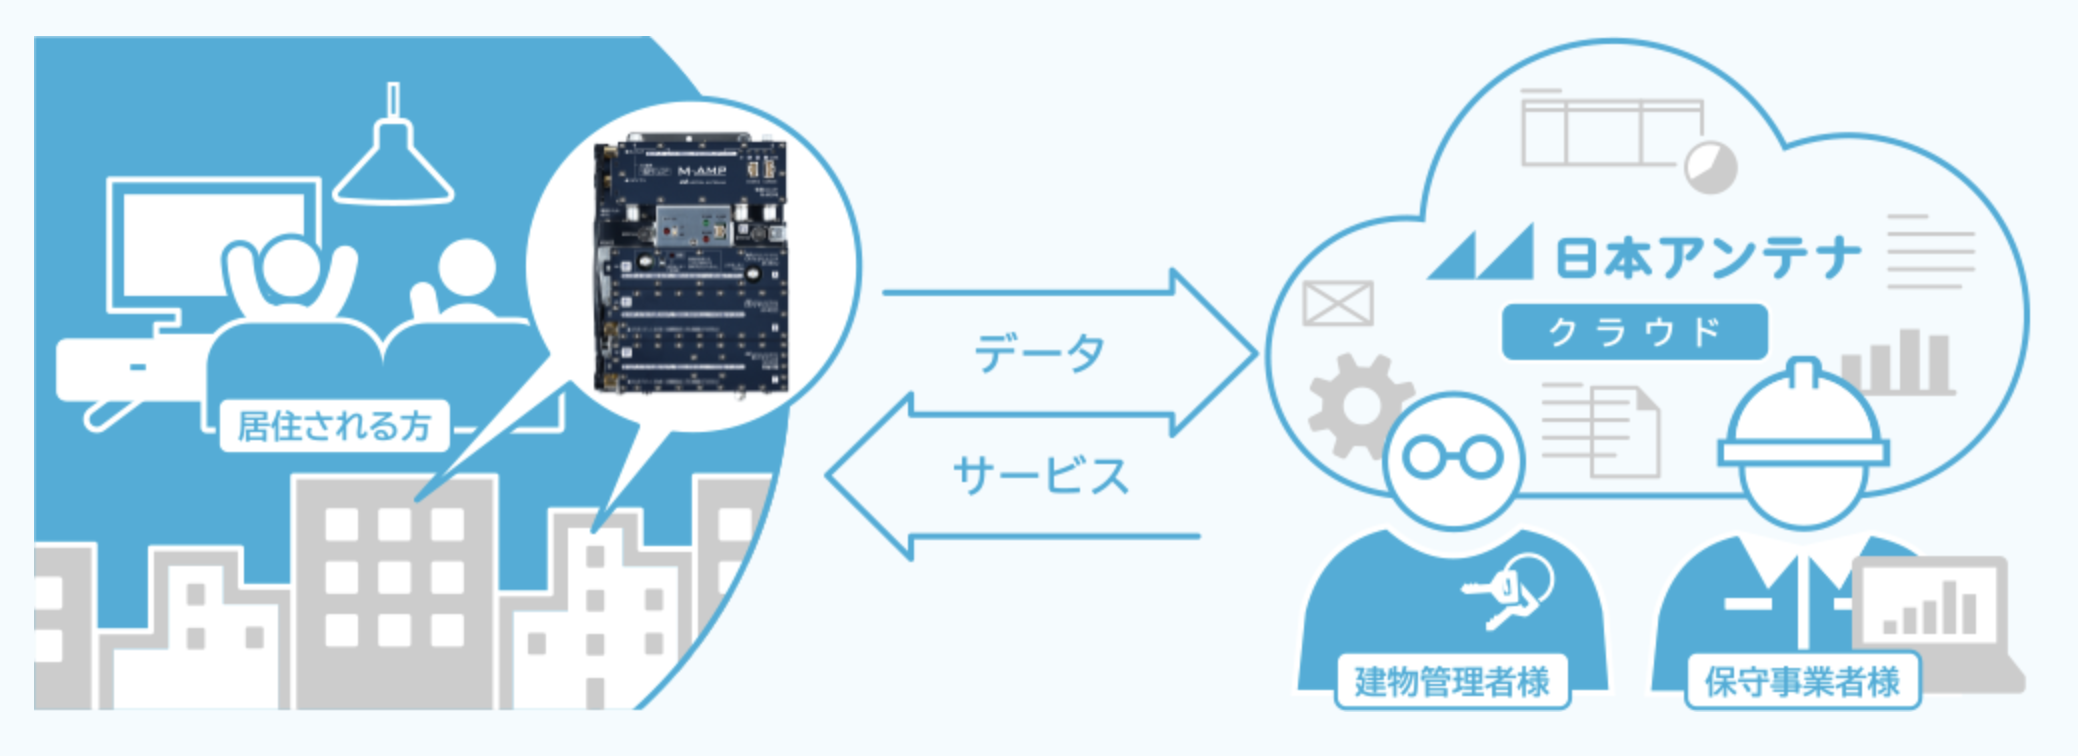 【日本アンテナ】離れていてもつながるTV共同受信システム用ブースターの画像